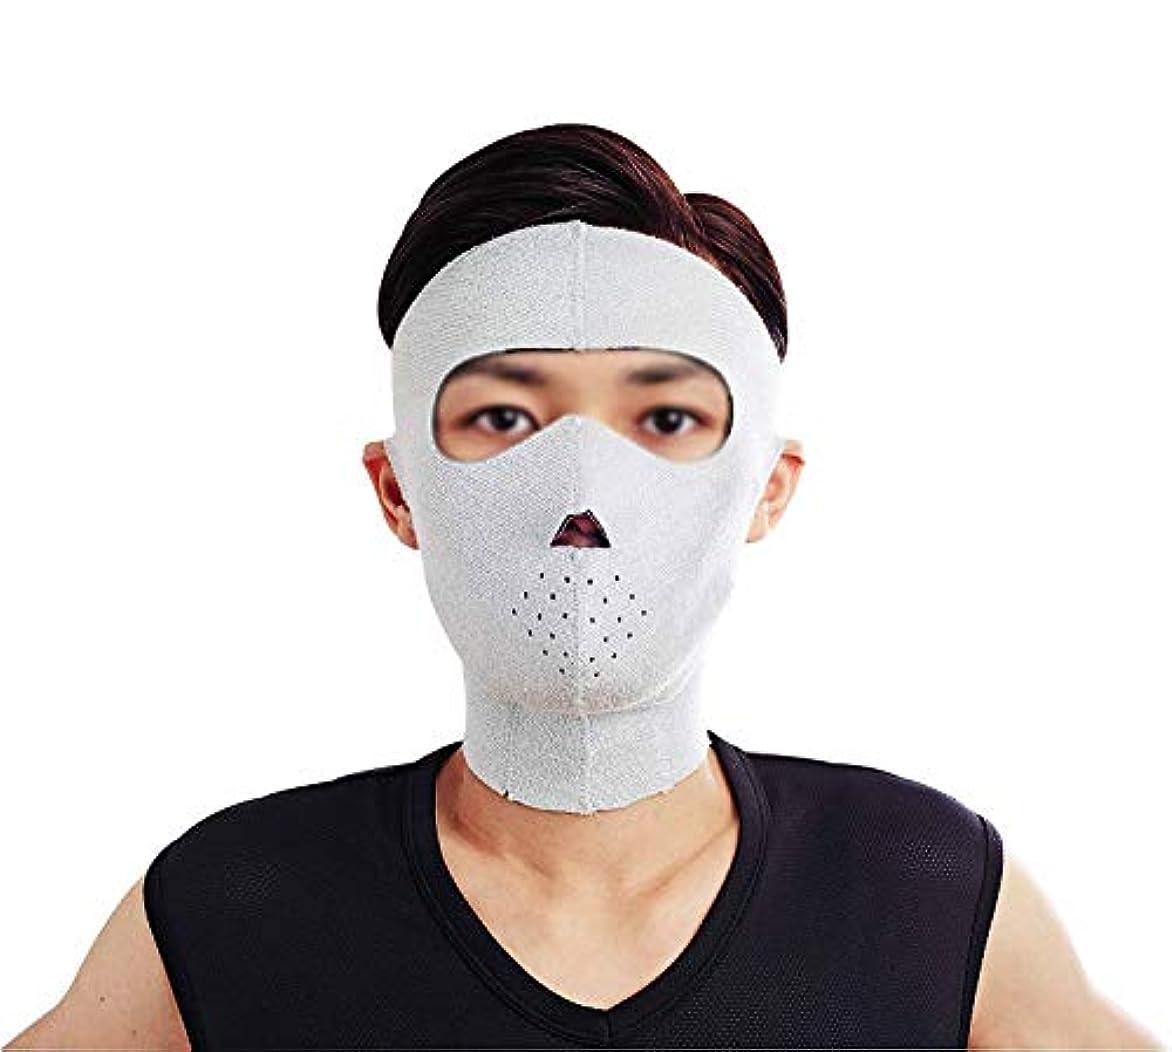 煩わしい変色する策定するGLJJQMY 薄い顔のマスクのマスクと男性のネックバンドとの垂れ下がり防止の薄い顔のマスクの薄い顔のマスクのアーチファクトの美しさを引き締め 顔用整形マスク